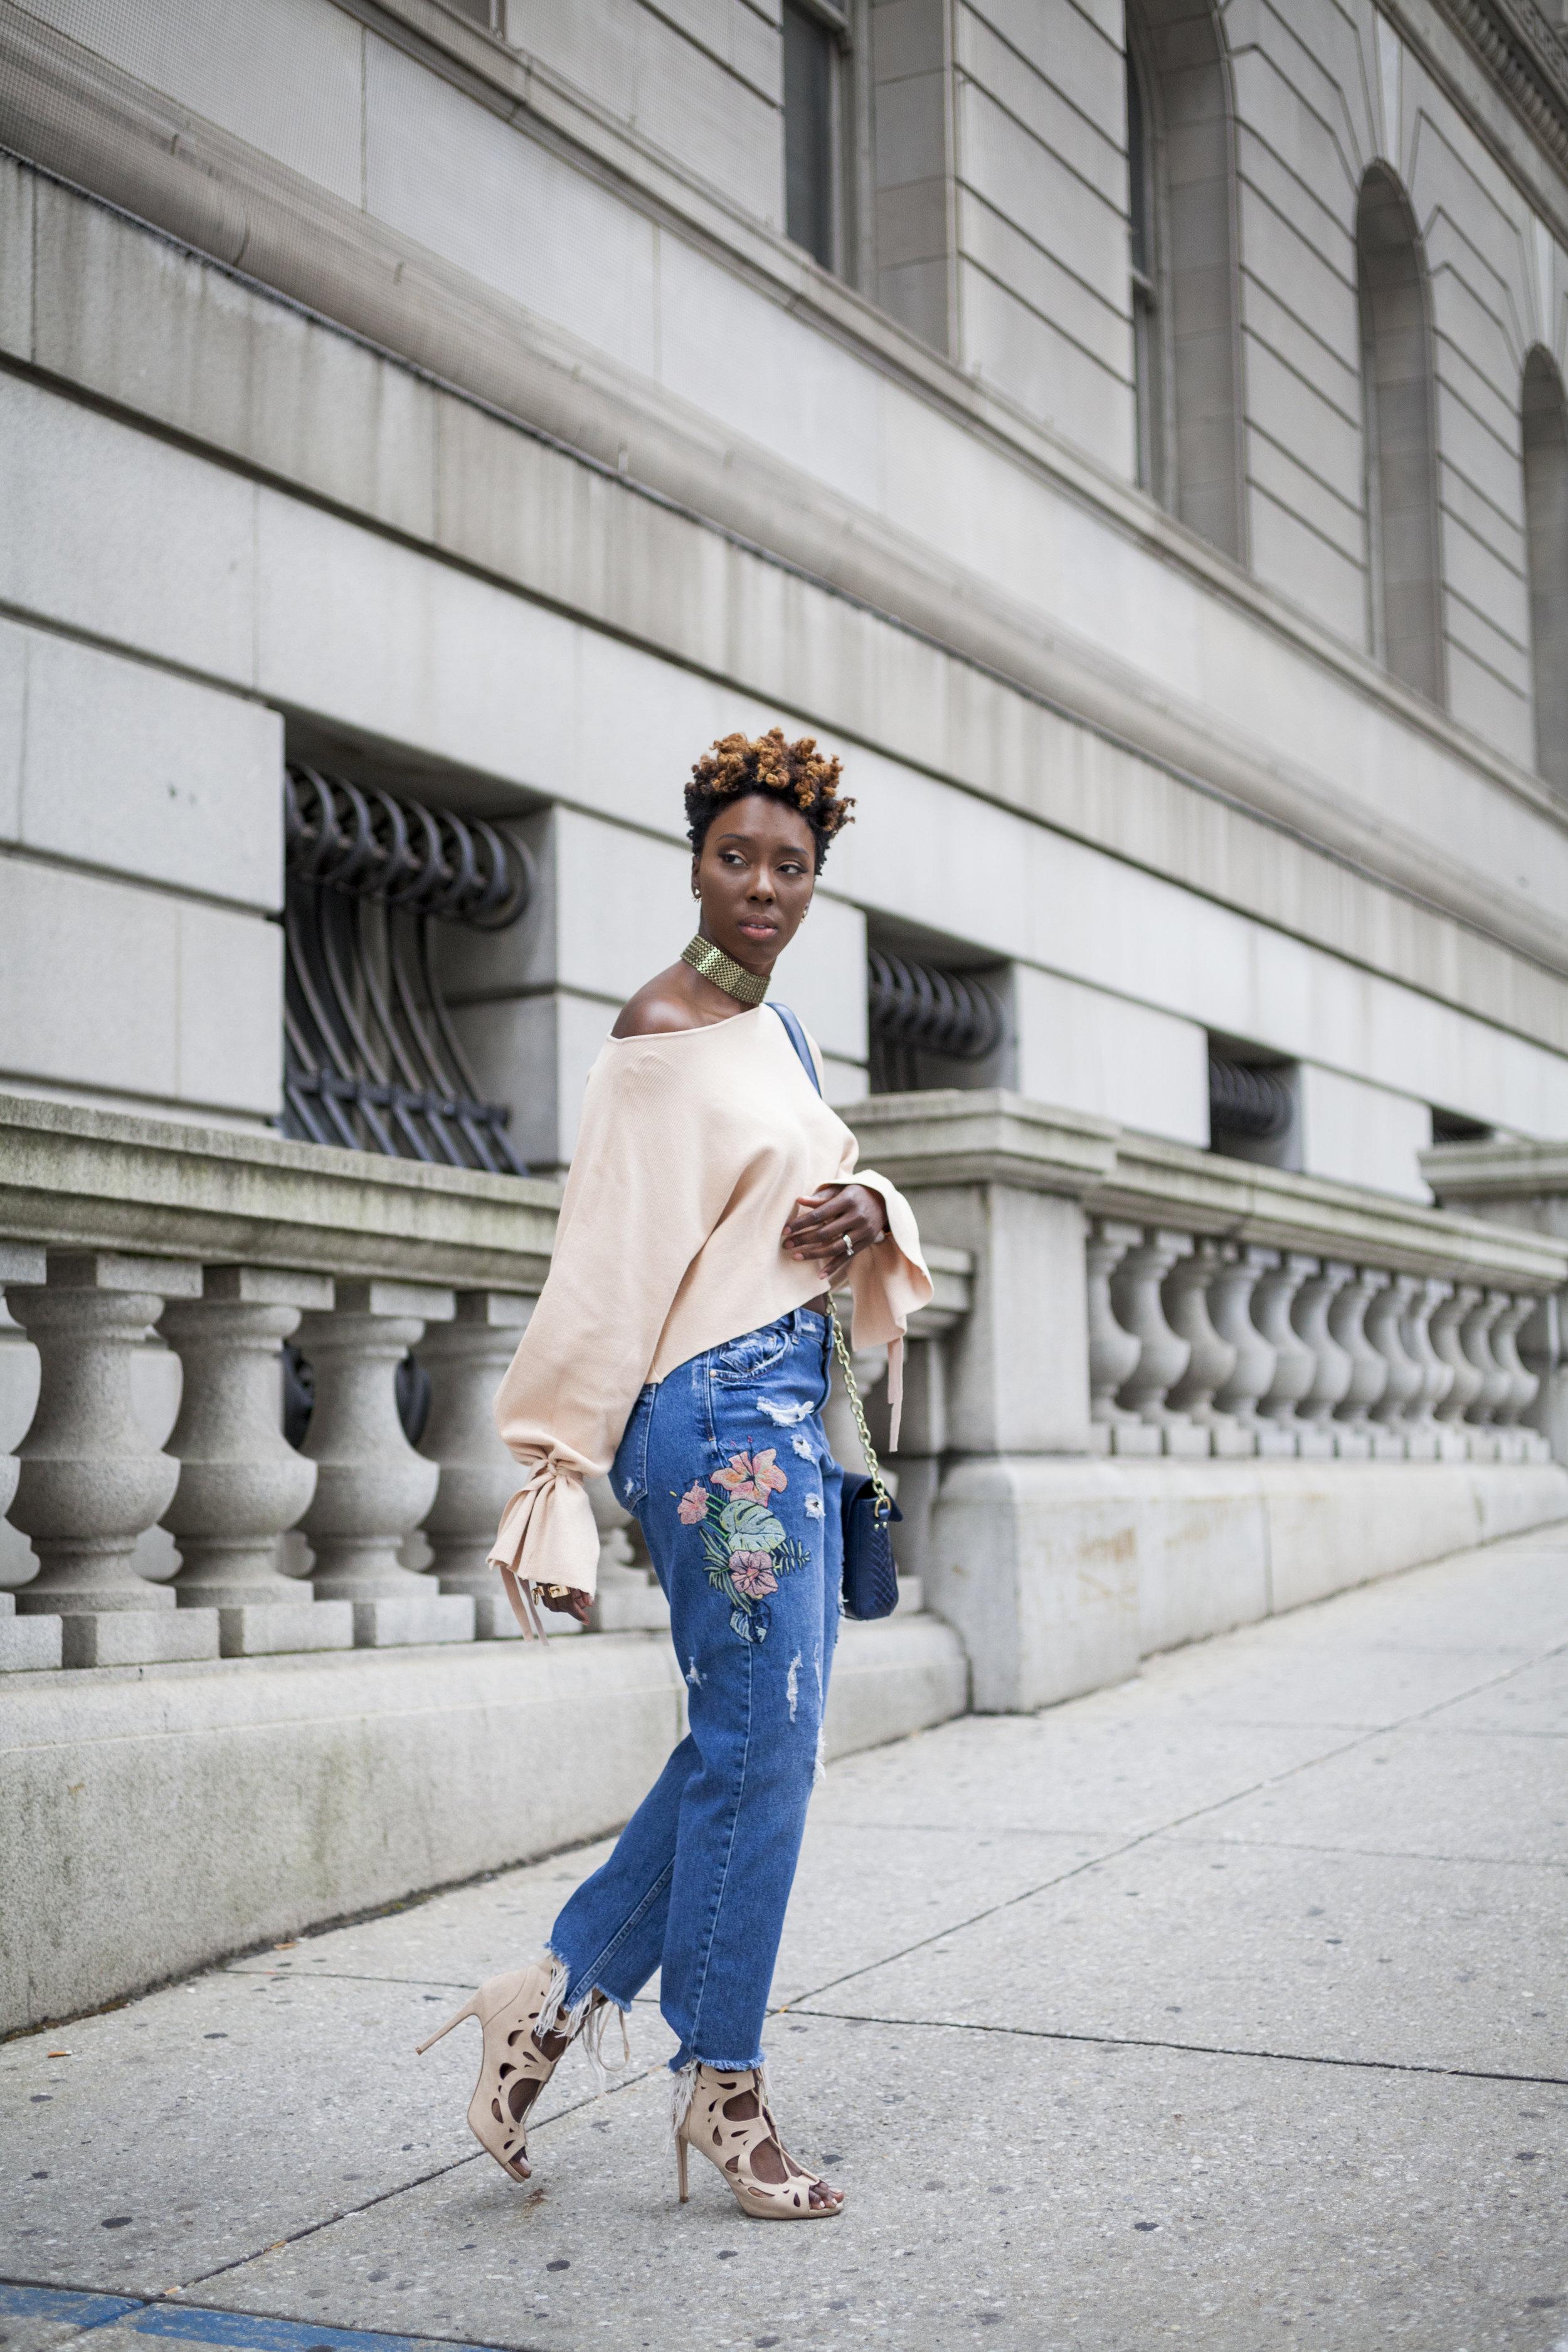 Dayna-Bolden-zara-off-the-shoulder-top-detail-sleeves-zara-patched-denim-jeans-11.jpg